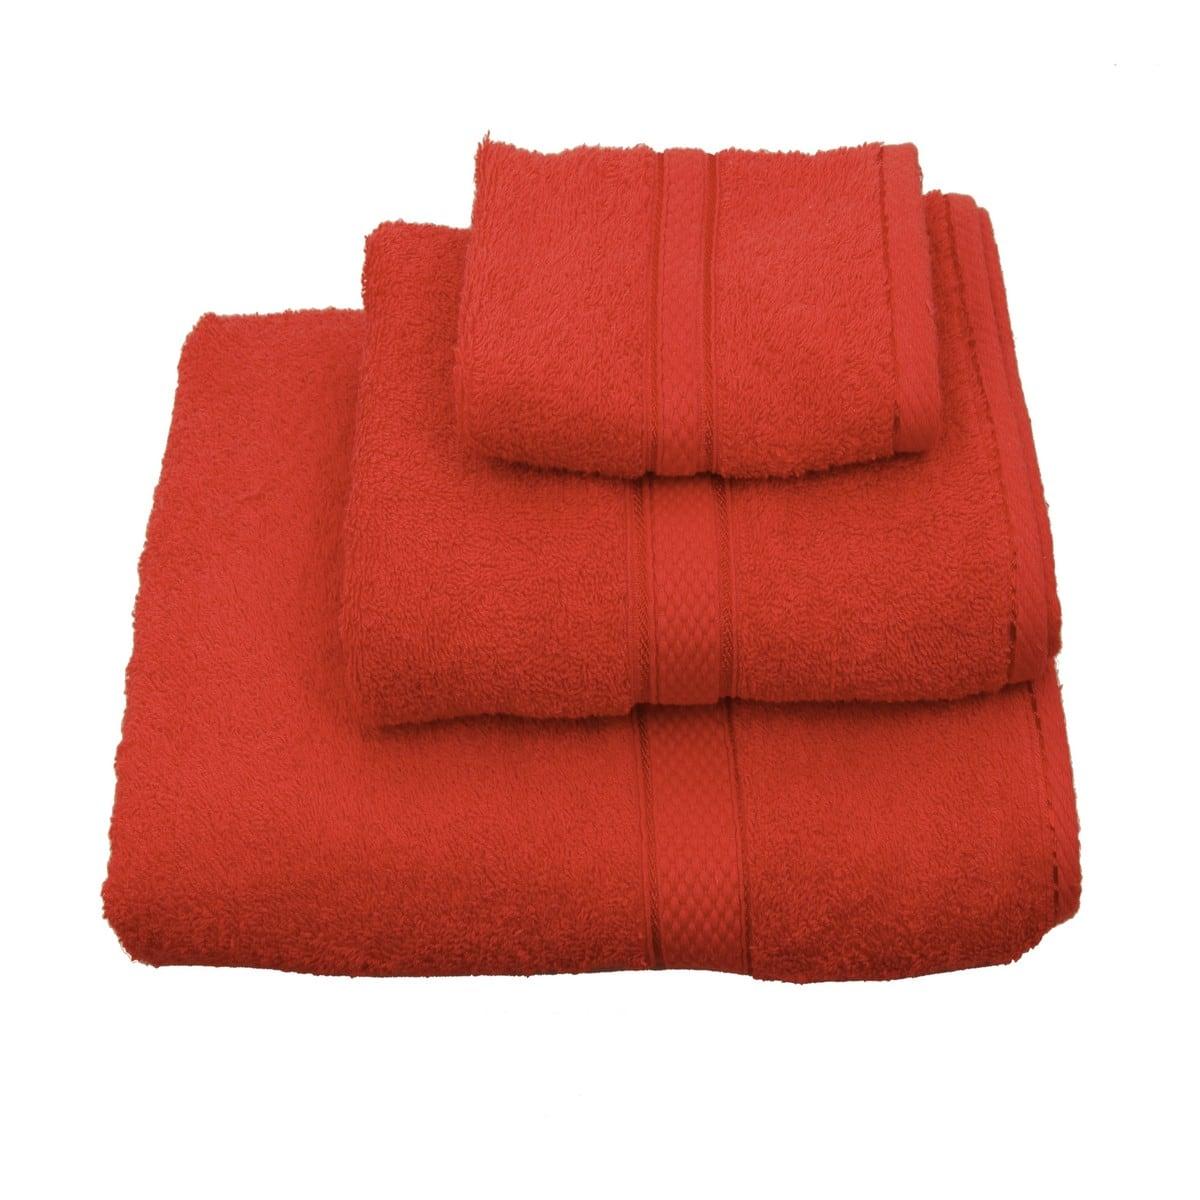 Πετσέτα Classic Κόκκινη Viopros Σώματος 80x160cm